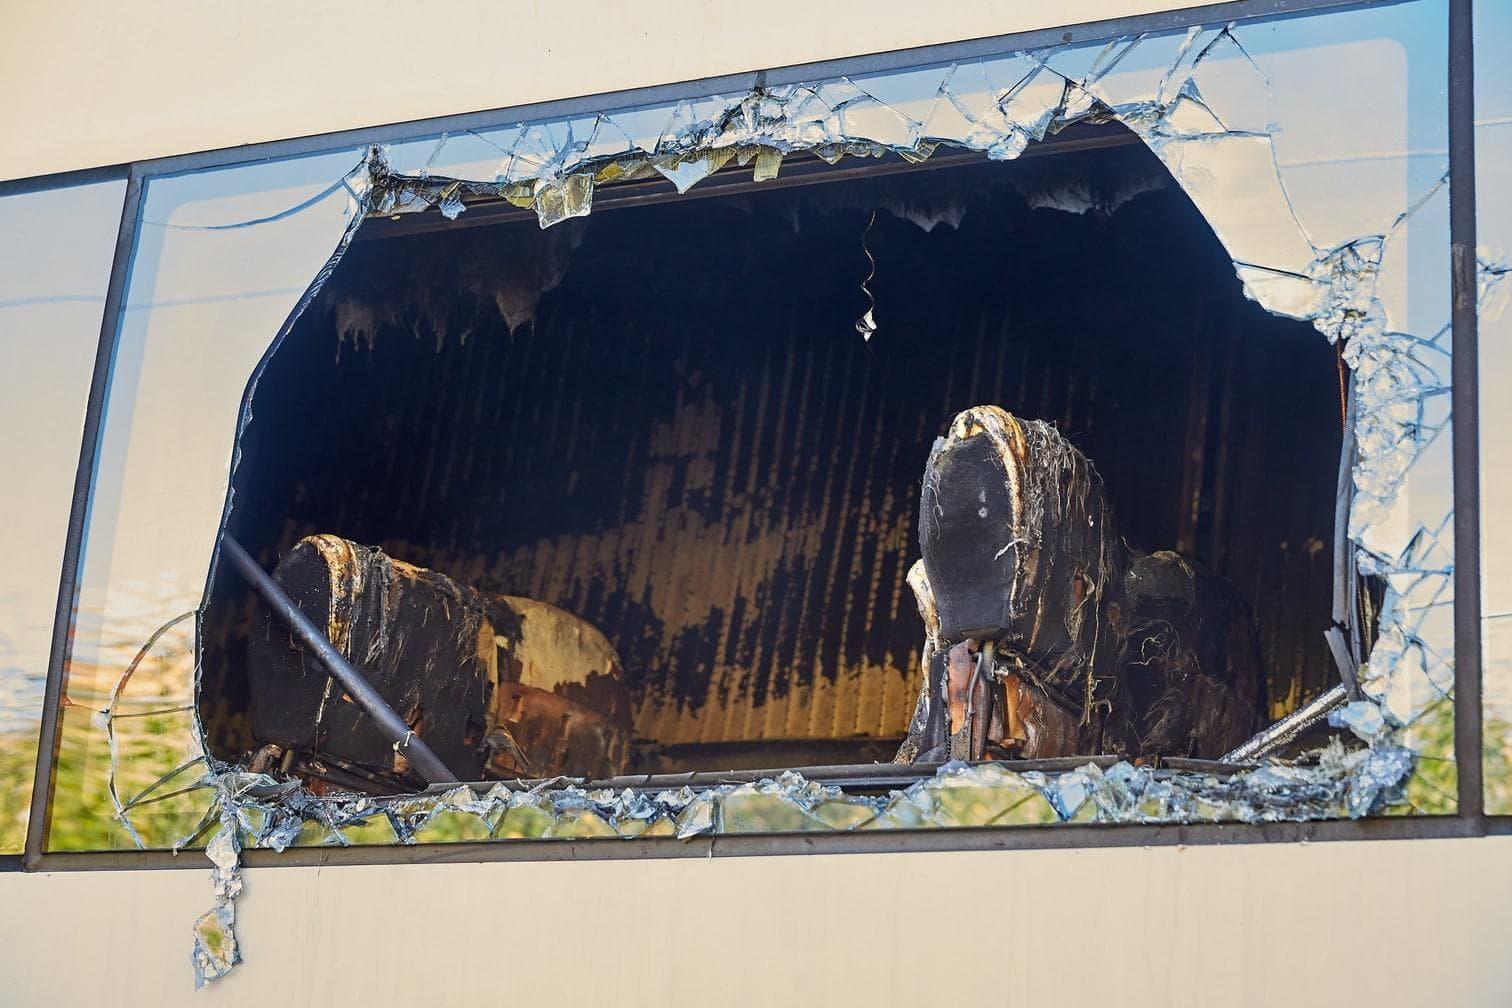 sagte eine Sprecherin. Zum Brandschutz gehörten schwer brennbare Materialien